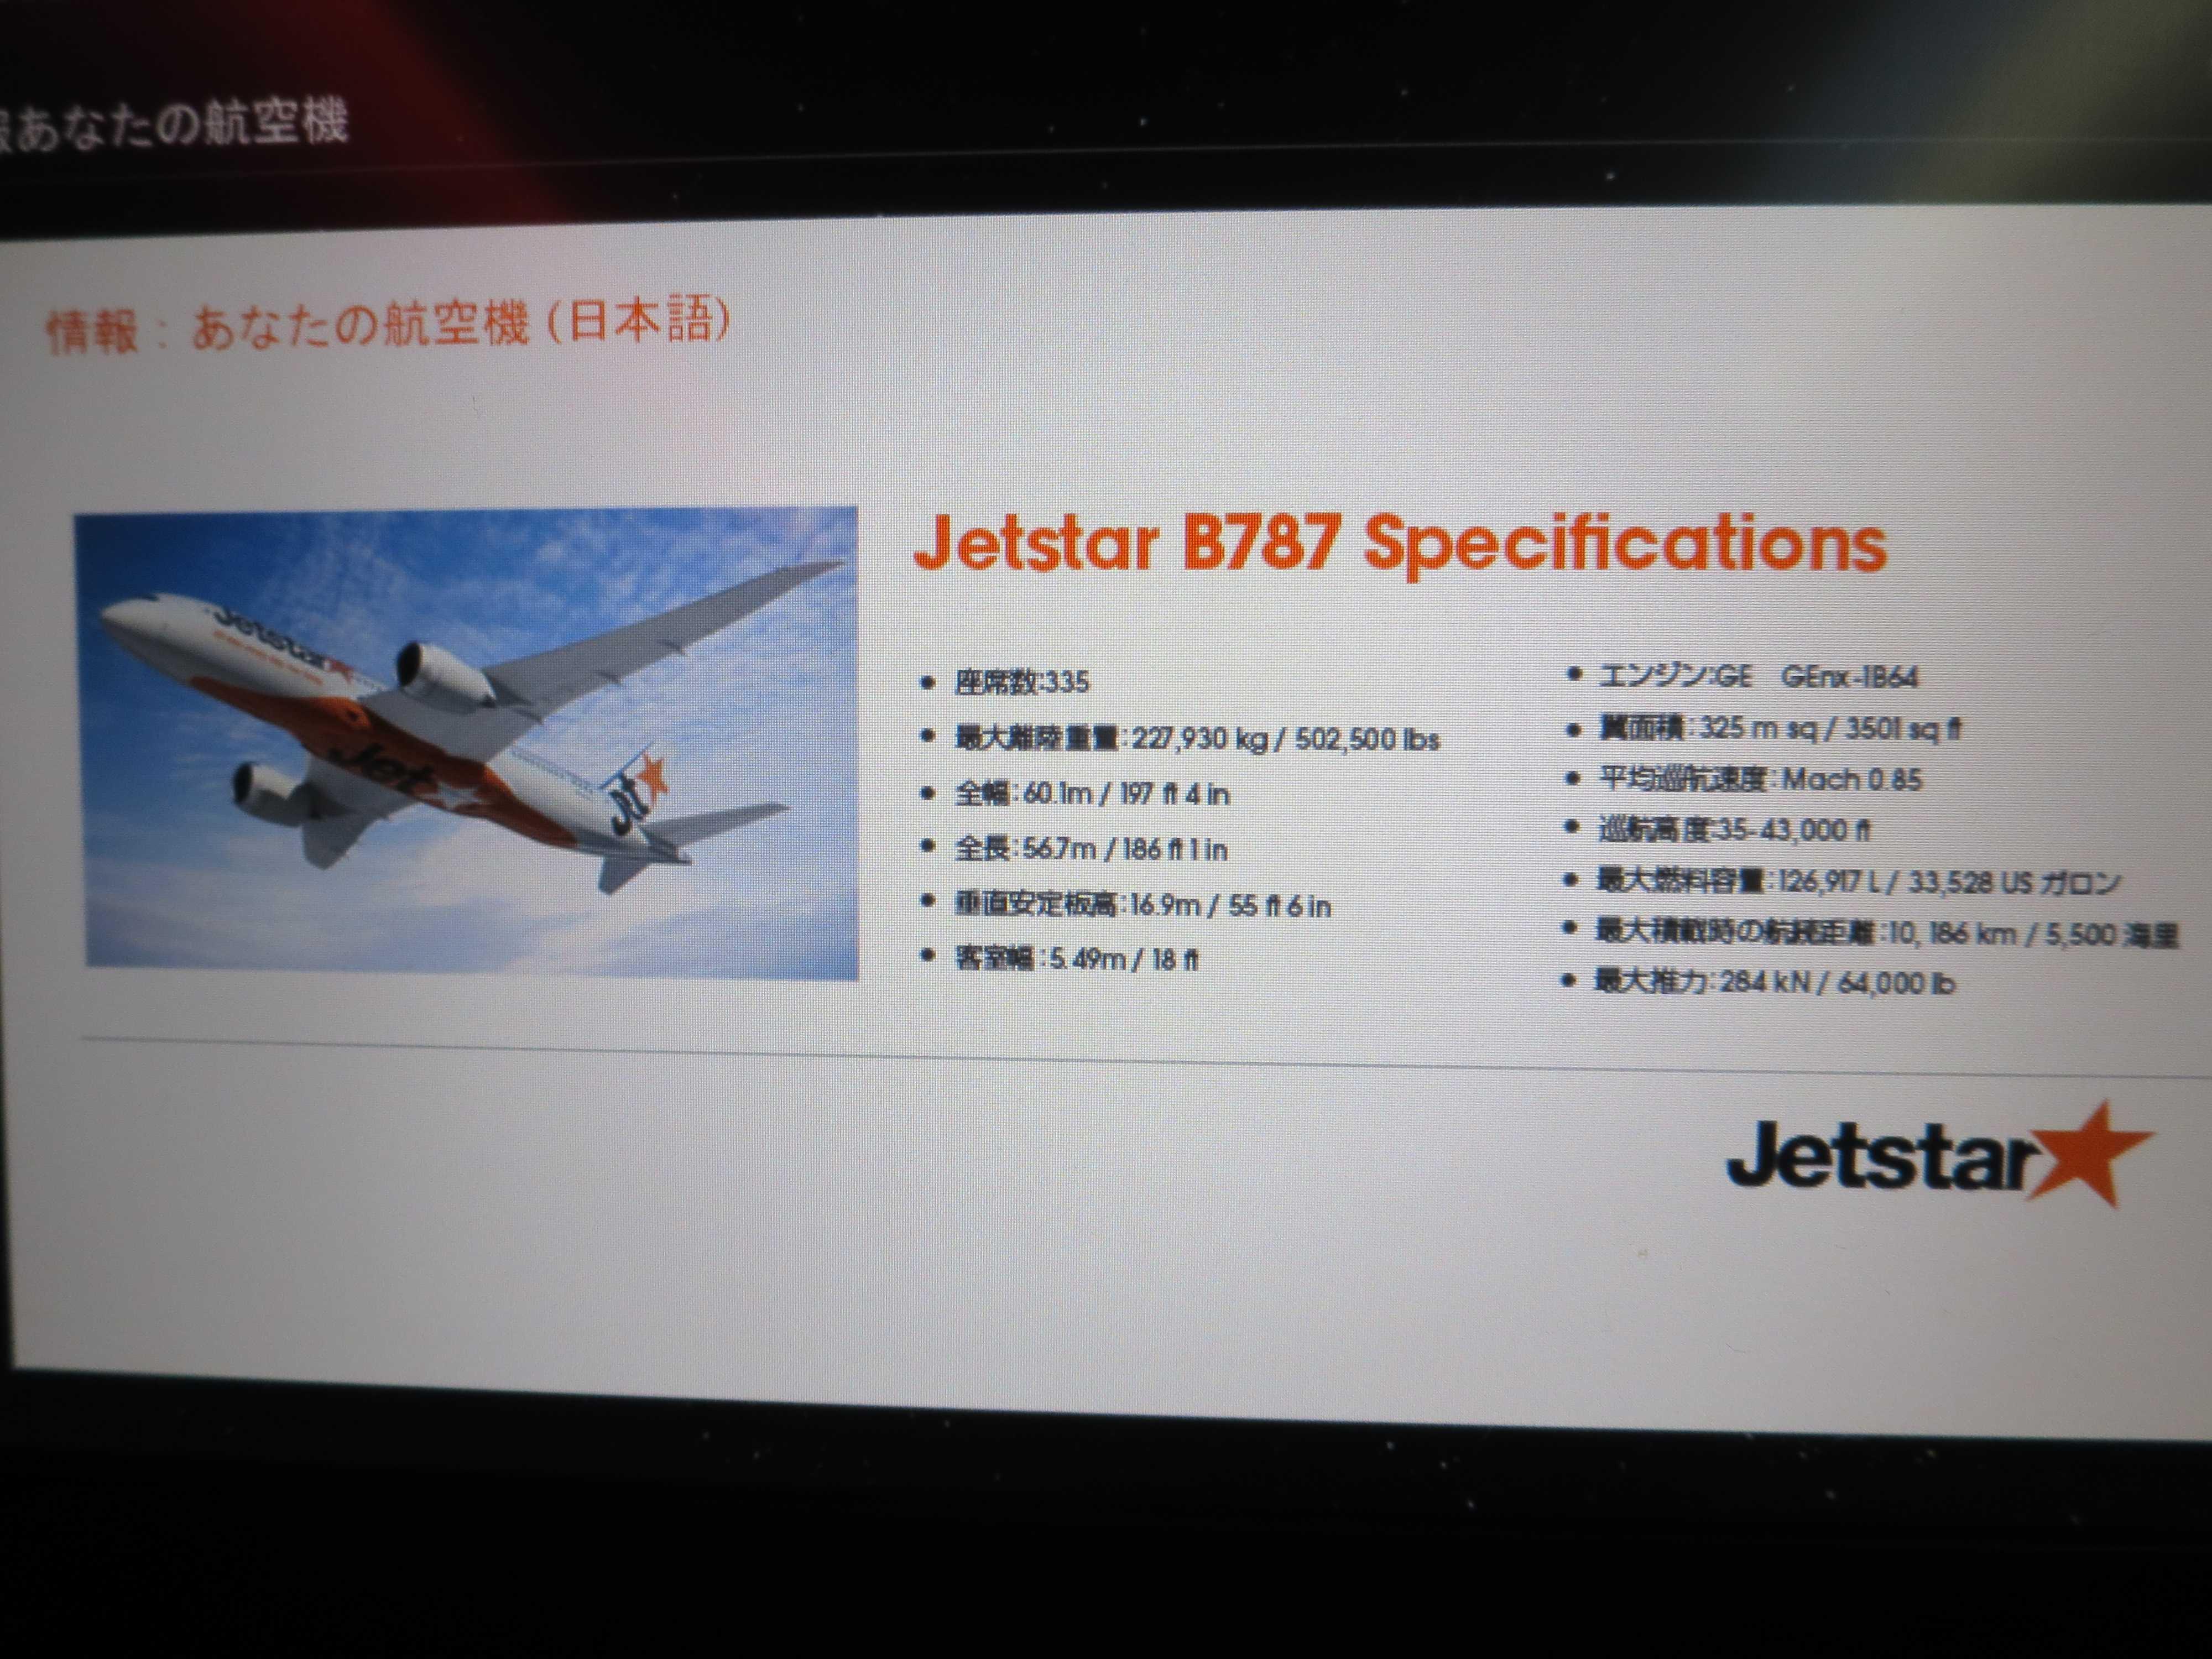 ボーイング787ドリームライナー ジェットスター航空 - Jetstar